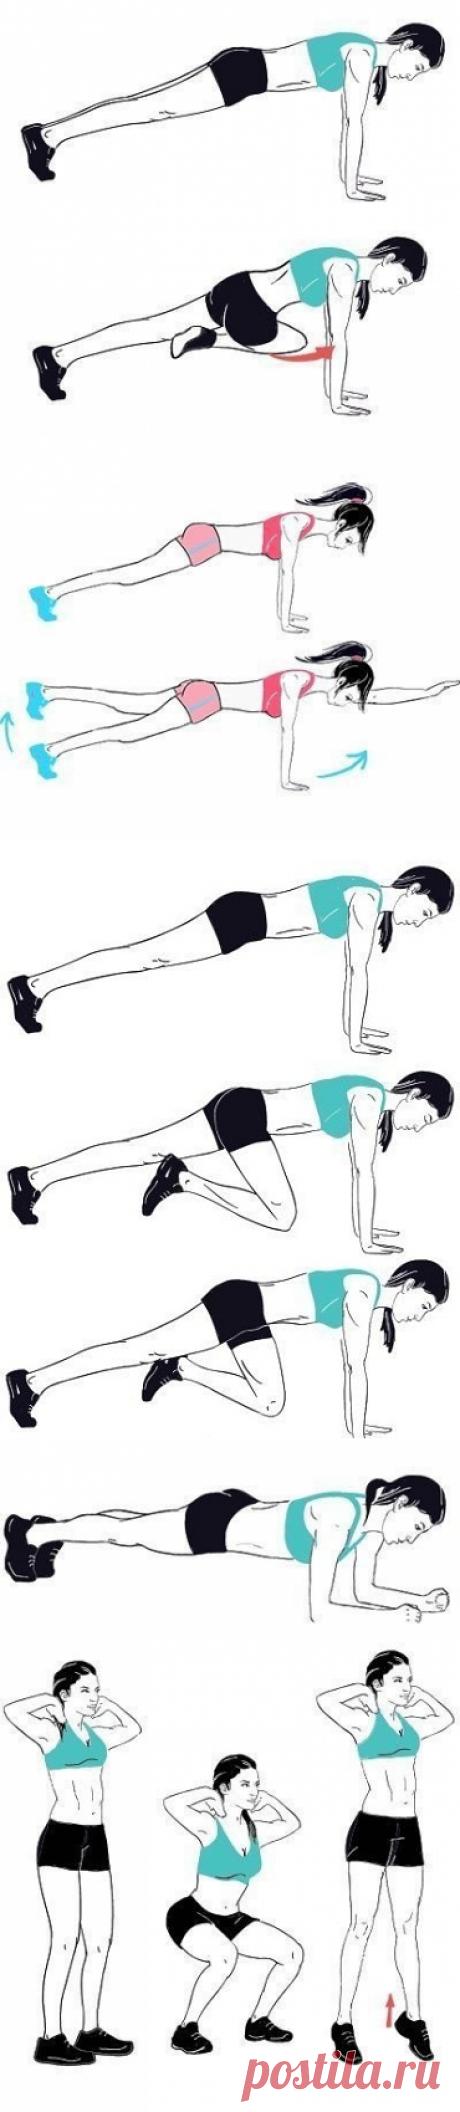 Комплексная тренировка Выполняй каждое упражнение по 15 раз, 3-4 подхода